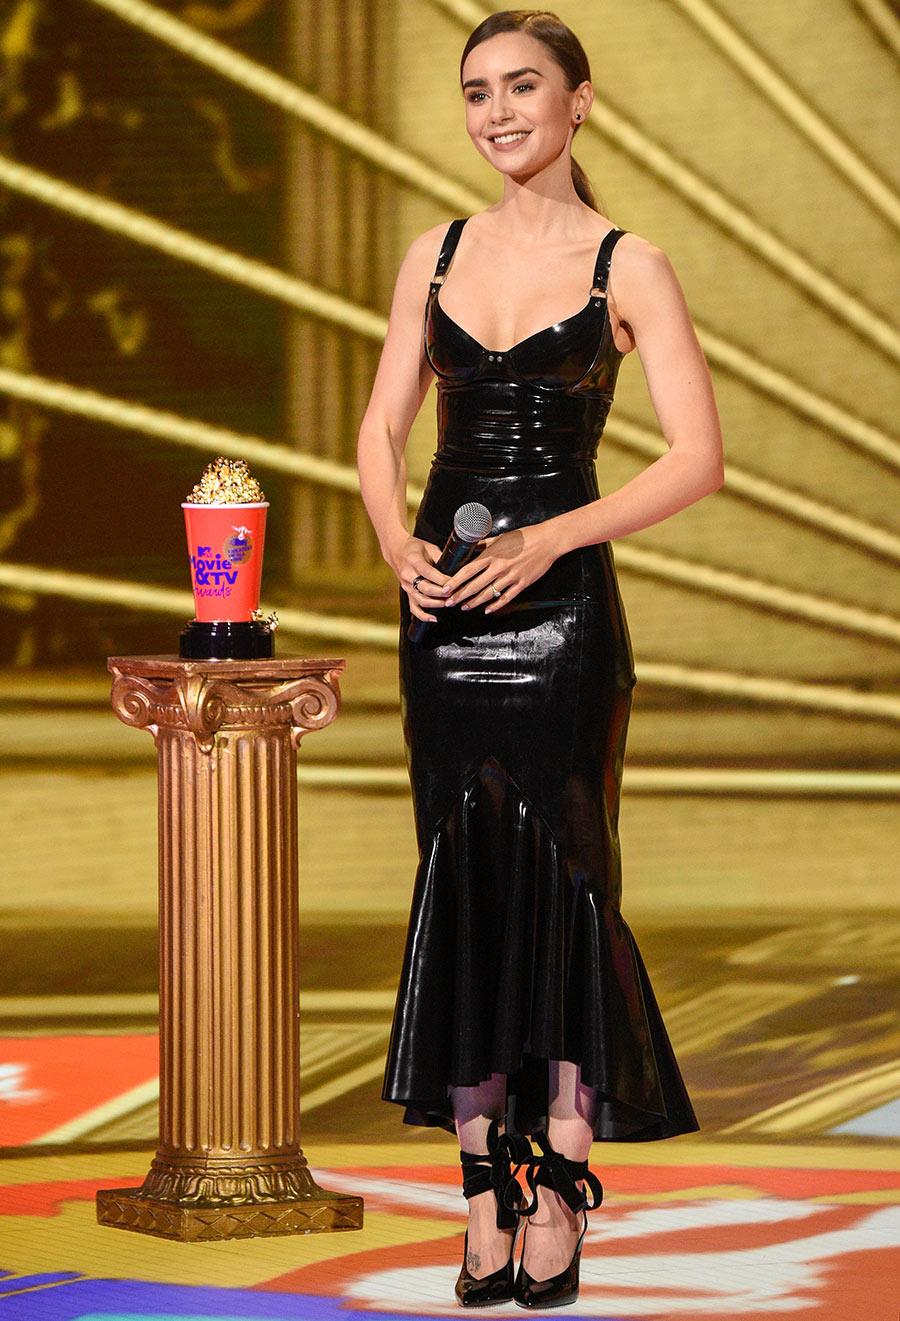 Lily Collins deja la dulzura de 'Emily' y nos impacta con un vestido de látex